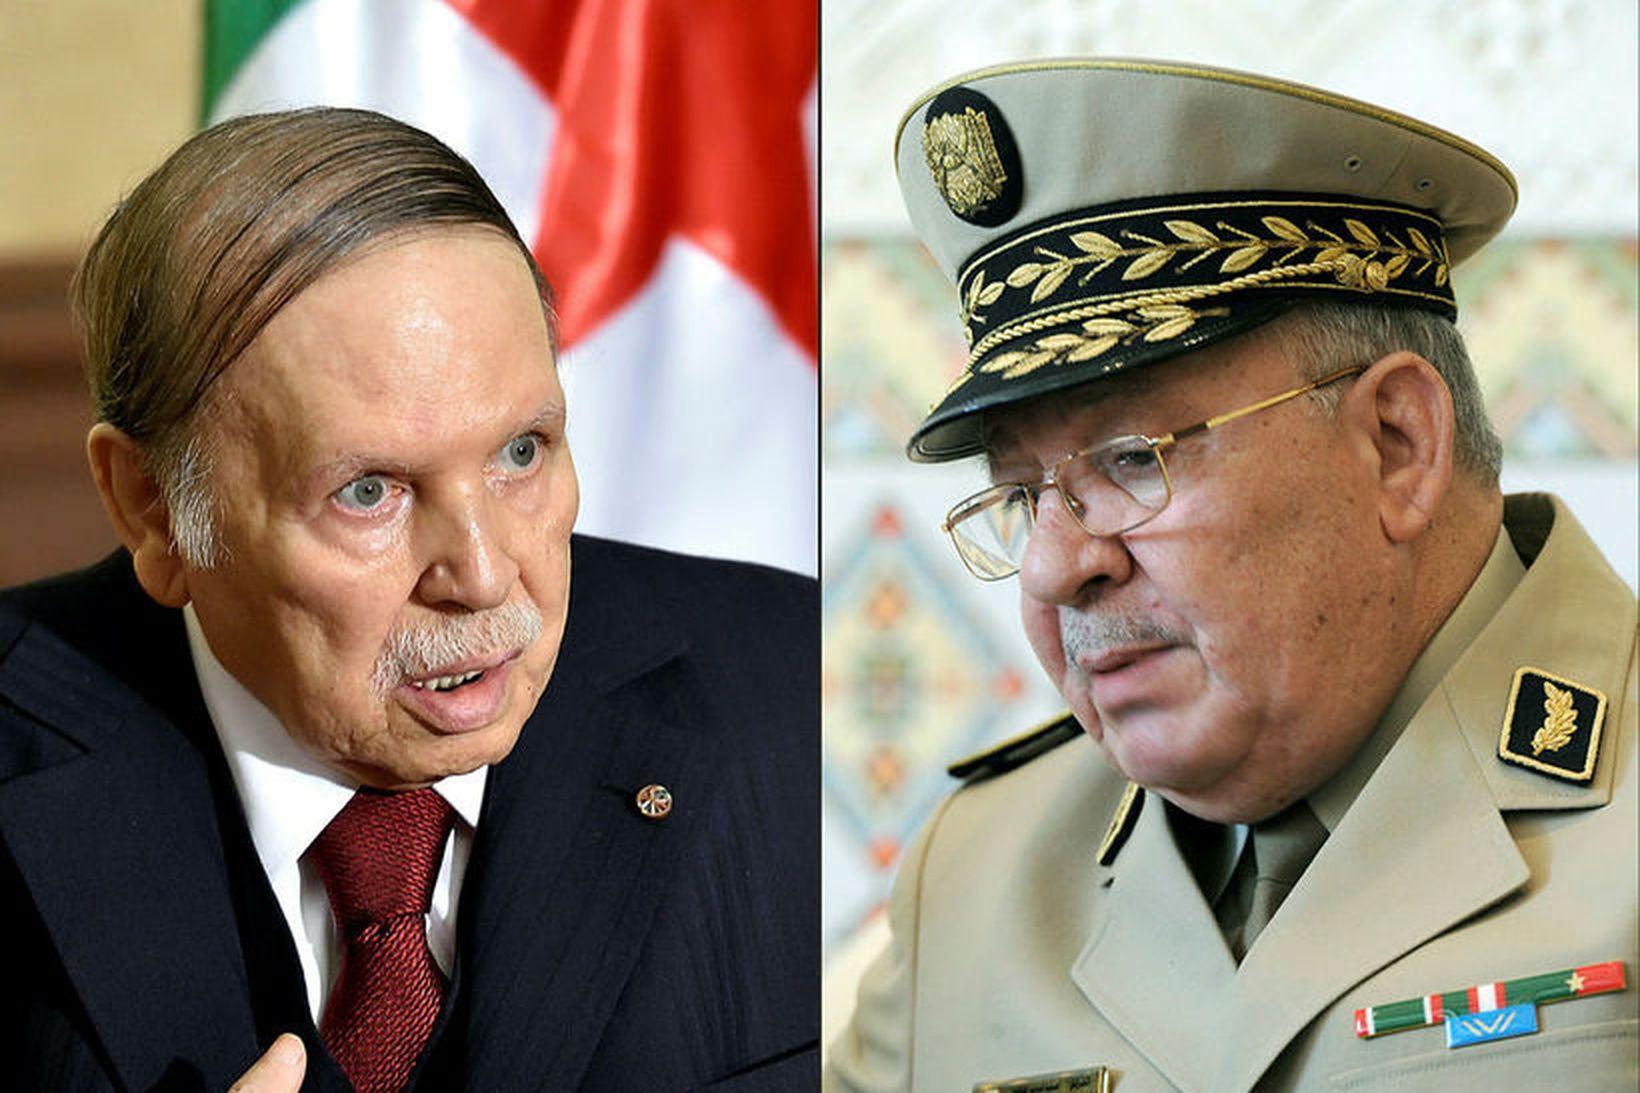 Abdelaziz Bouteflika, forseti Alsír, sækist eftir fimmta kjörtímabilinu í forsetakosningum …